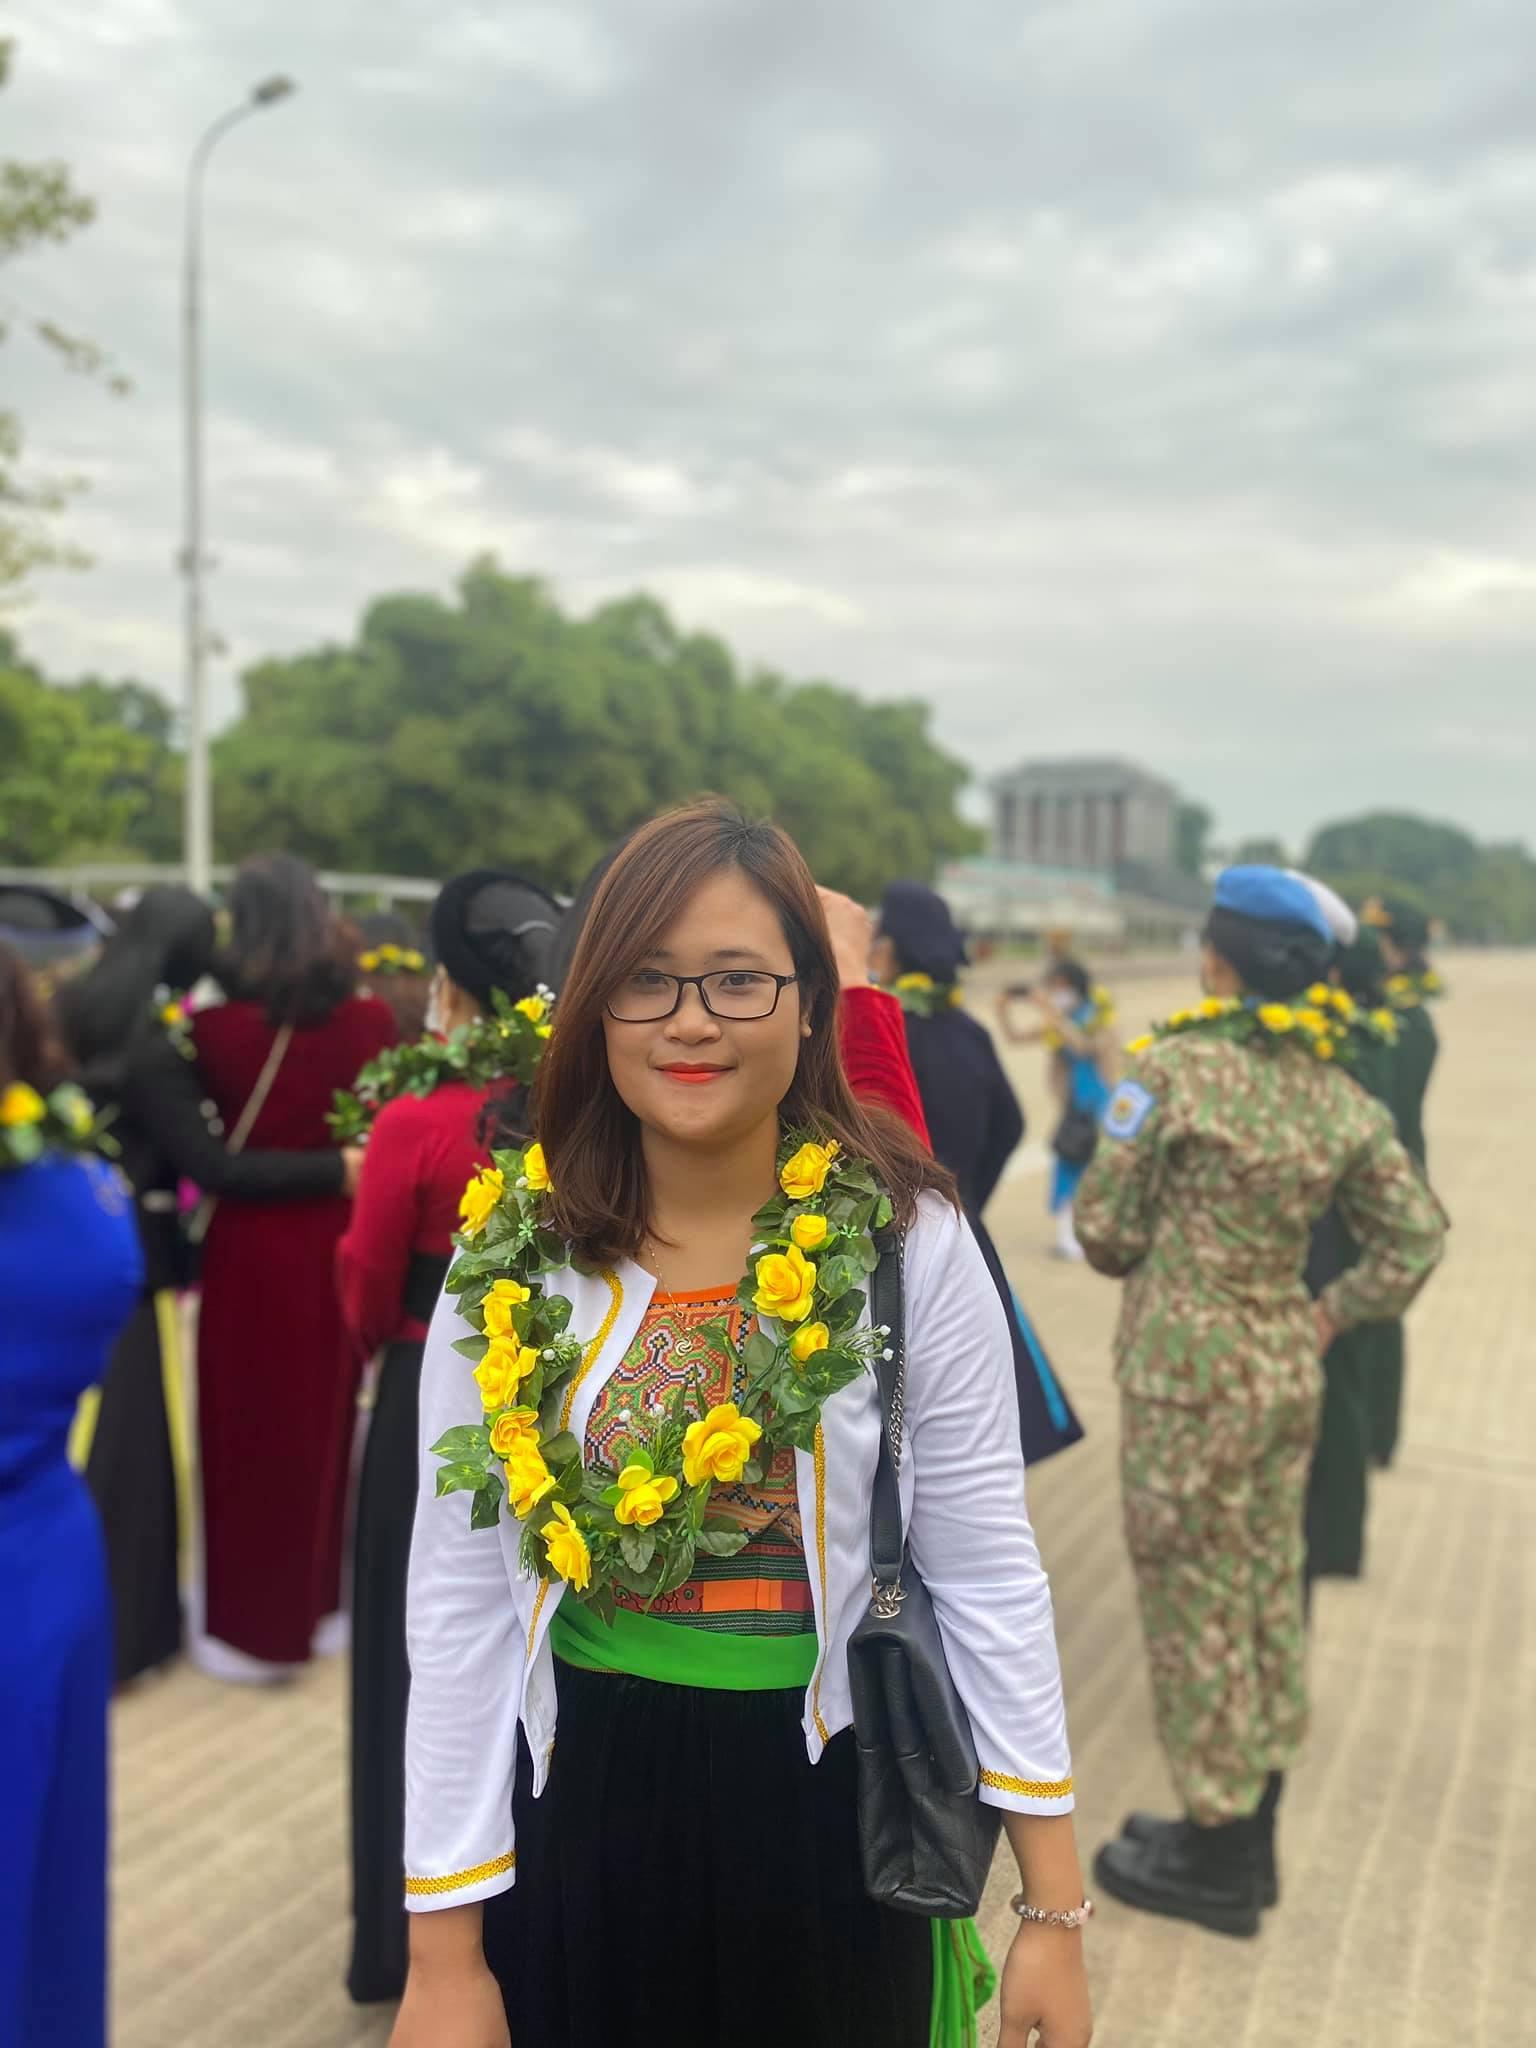 Lần đầu tiên Việt Nam có cô giáo lọt top 10 giáo viên xuất sắc nhất toàn cầu - Ảnh 1